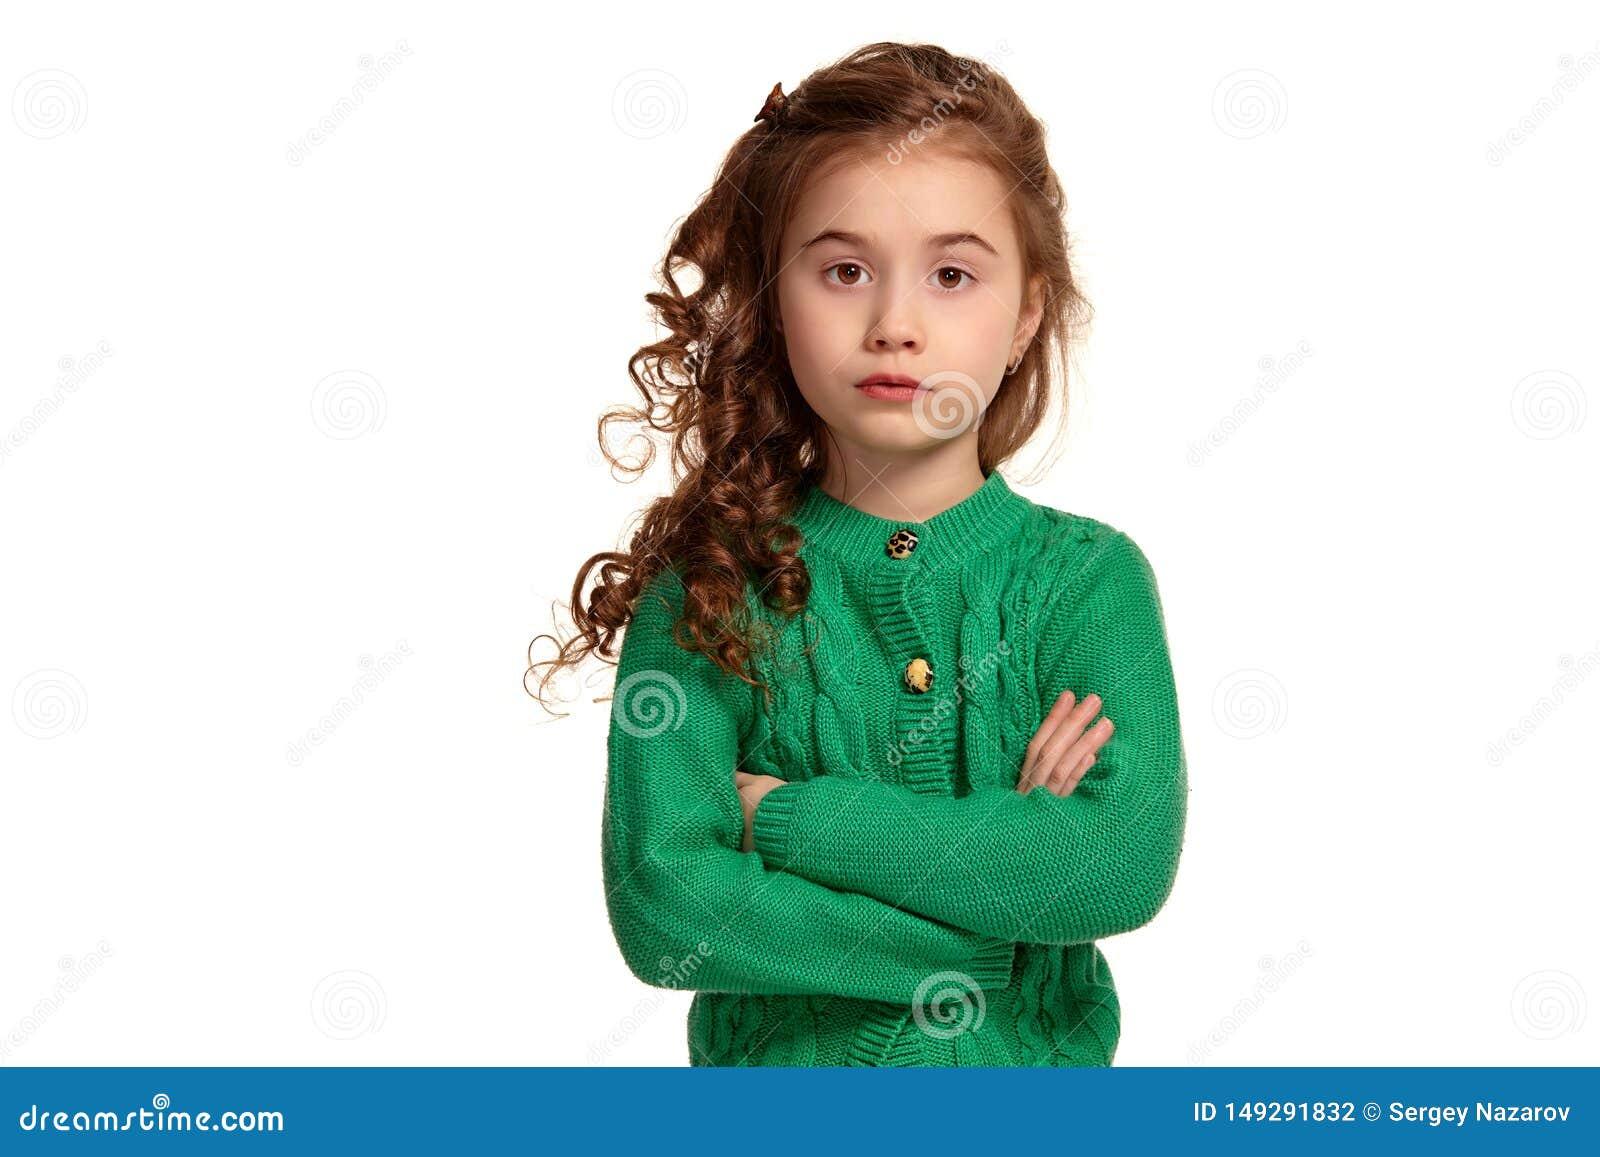 Ritratto di piccola ragazza castana con una posa dei capelli lunghi e ricci isolata su fondo bianco